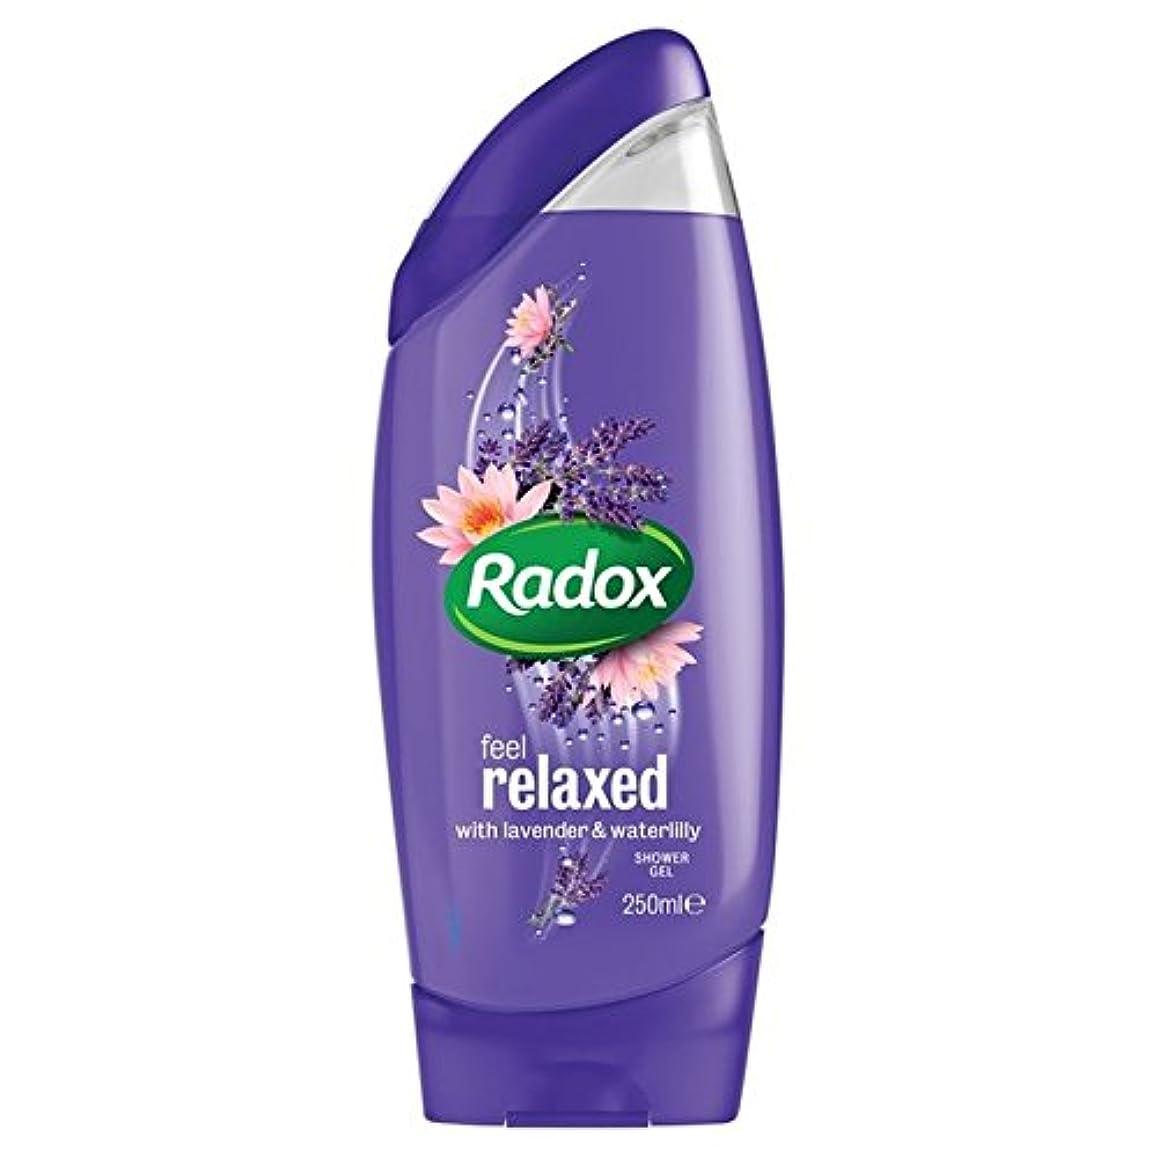 もっともらしい処方するレコーダーRadox Feel Relaxed Shower Gel 250ml (Pack of 6) - はリラックスシャワージェル250ミリリットルを感じます x6 [並行輸入品]